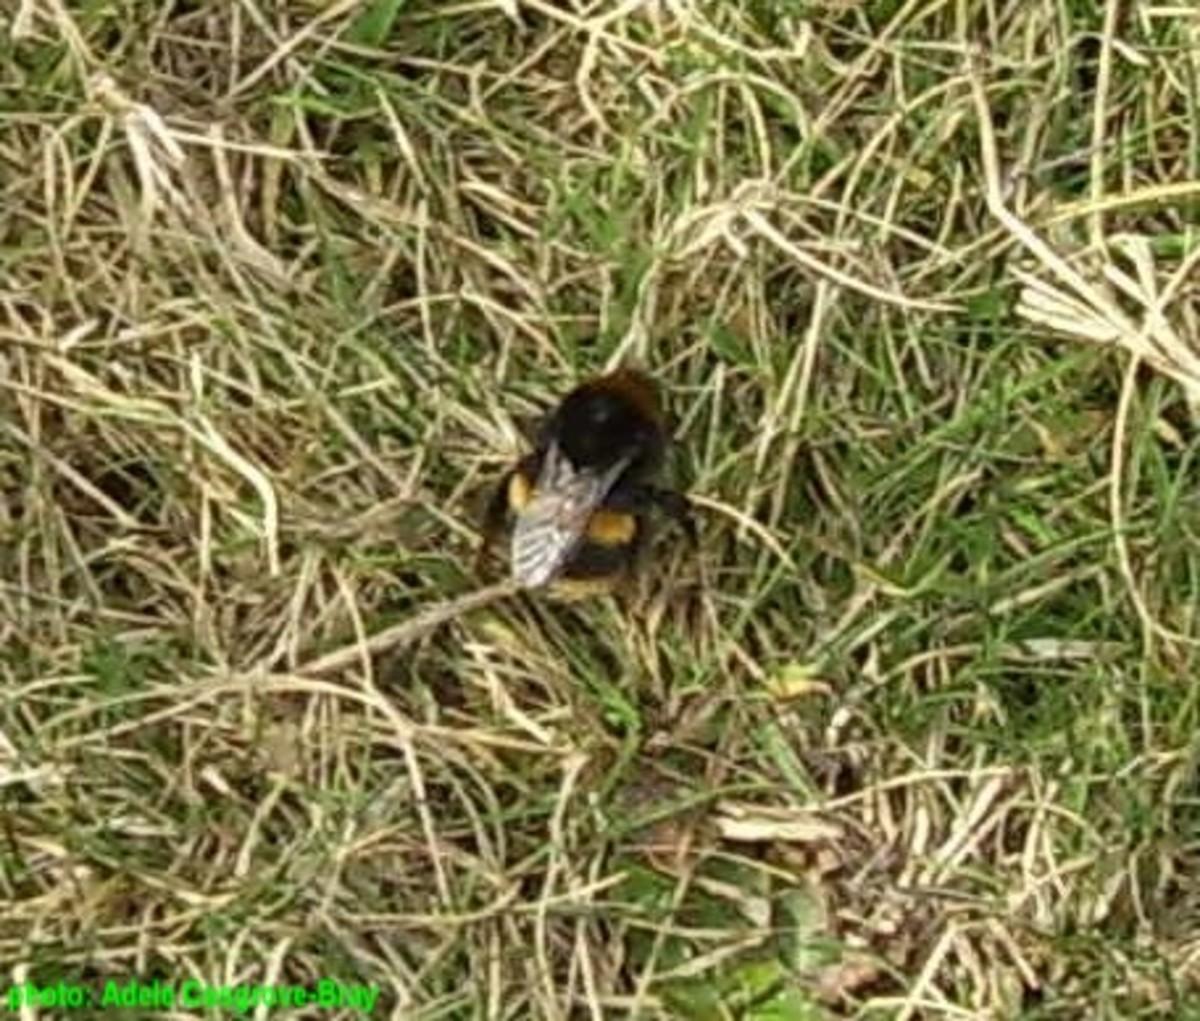 Queen bee emerging from her winter hibernation.